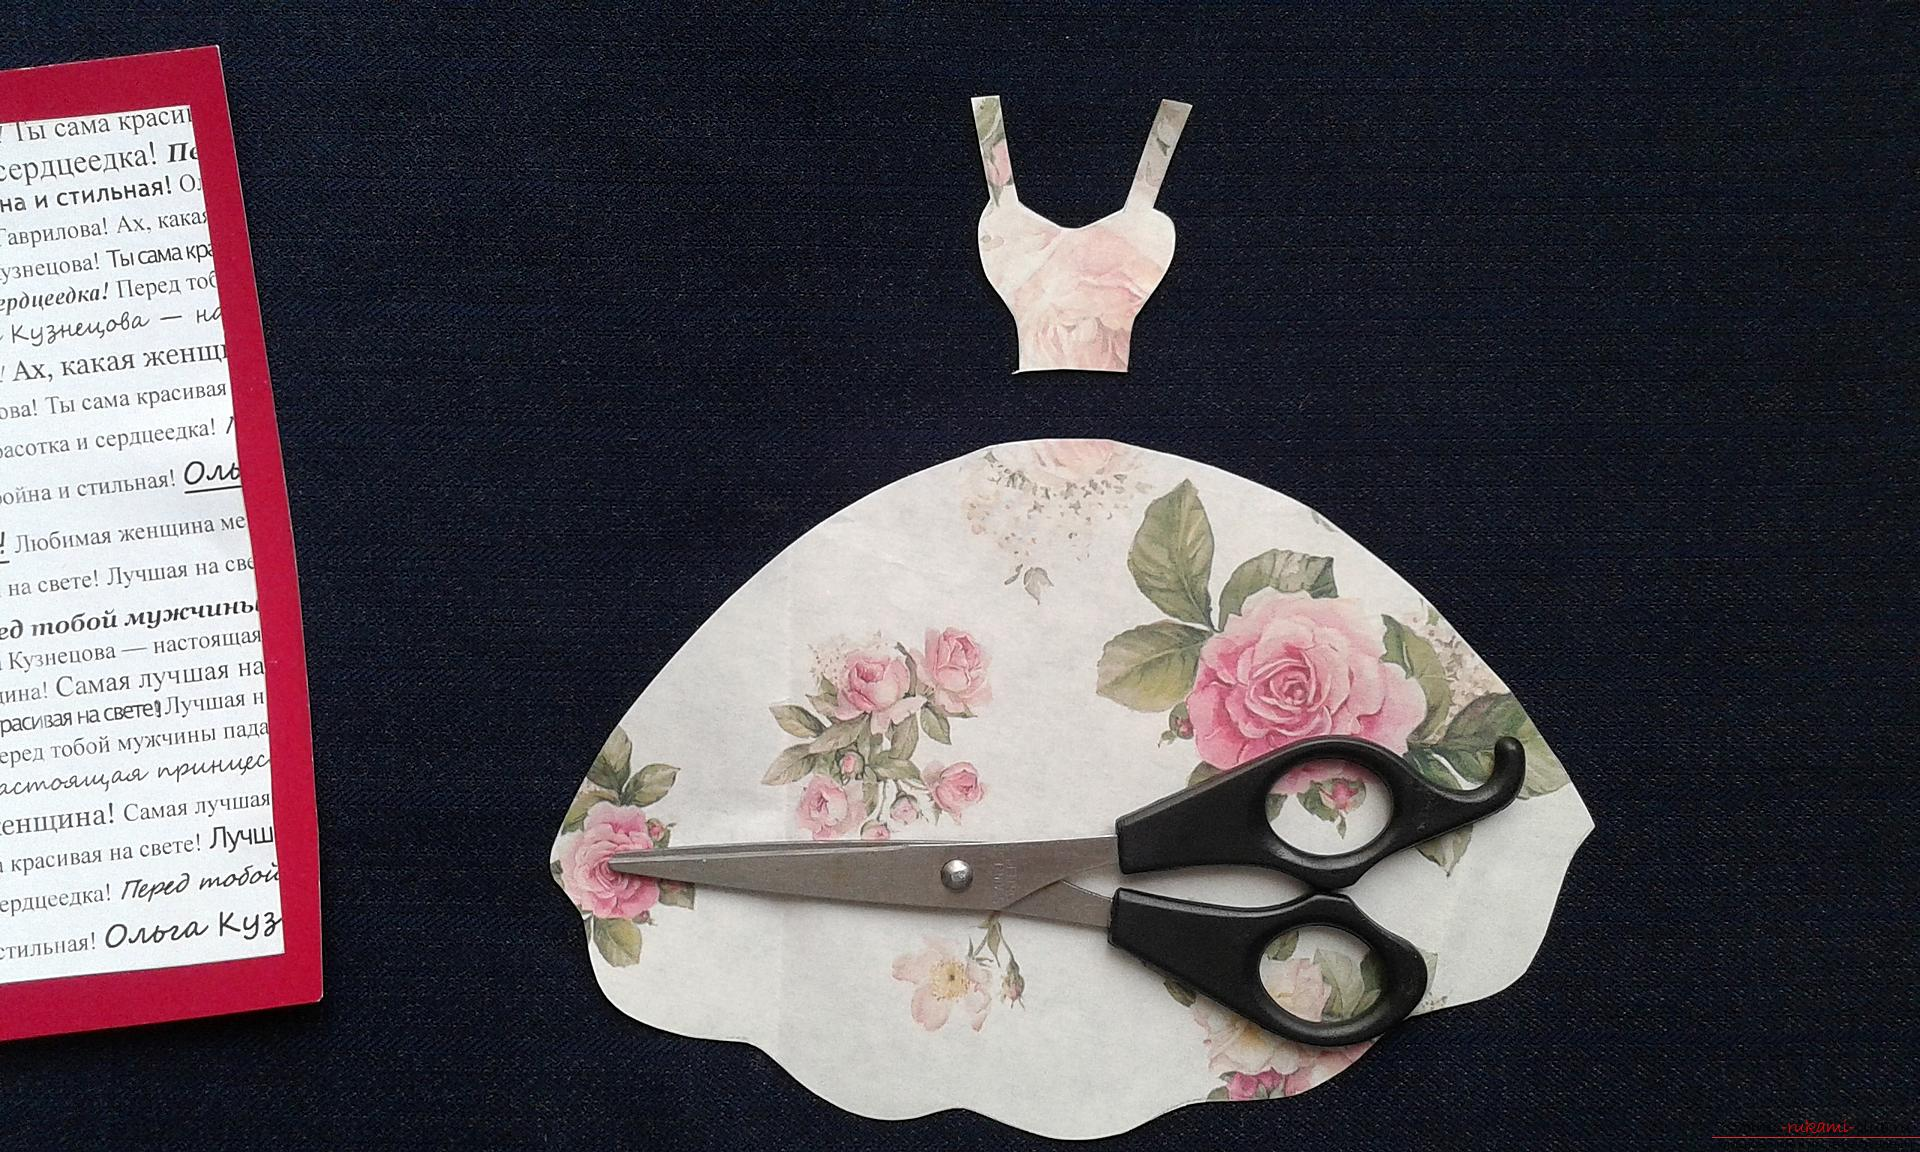 Открытка своими руками в технике скрапбукинг для девушки с пошаговым описанием и подробными фото. Фото №6